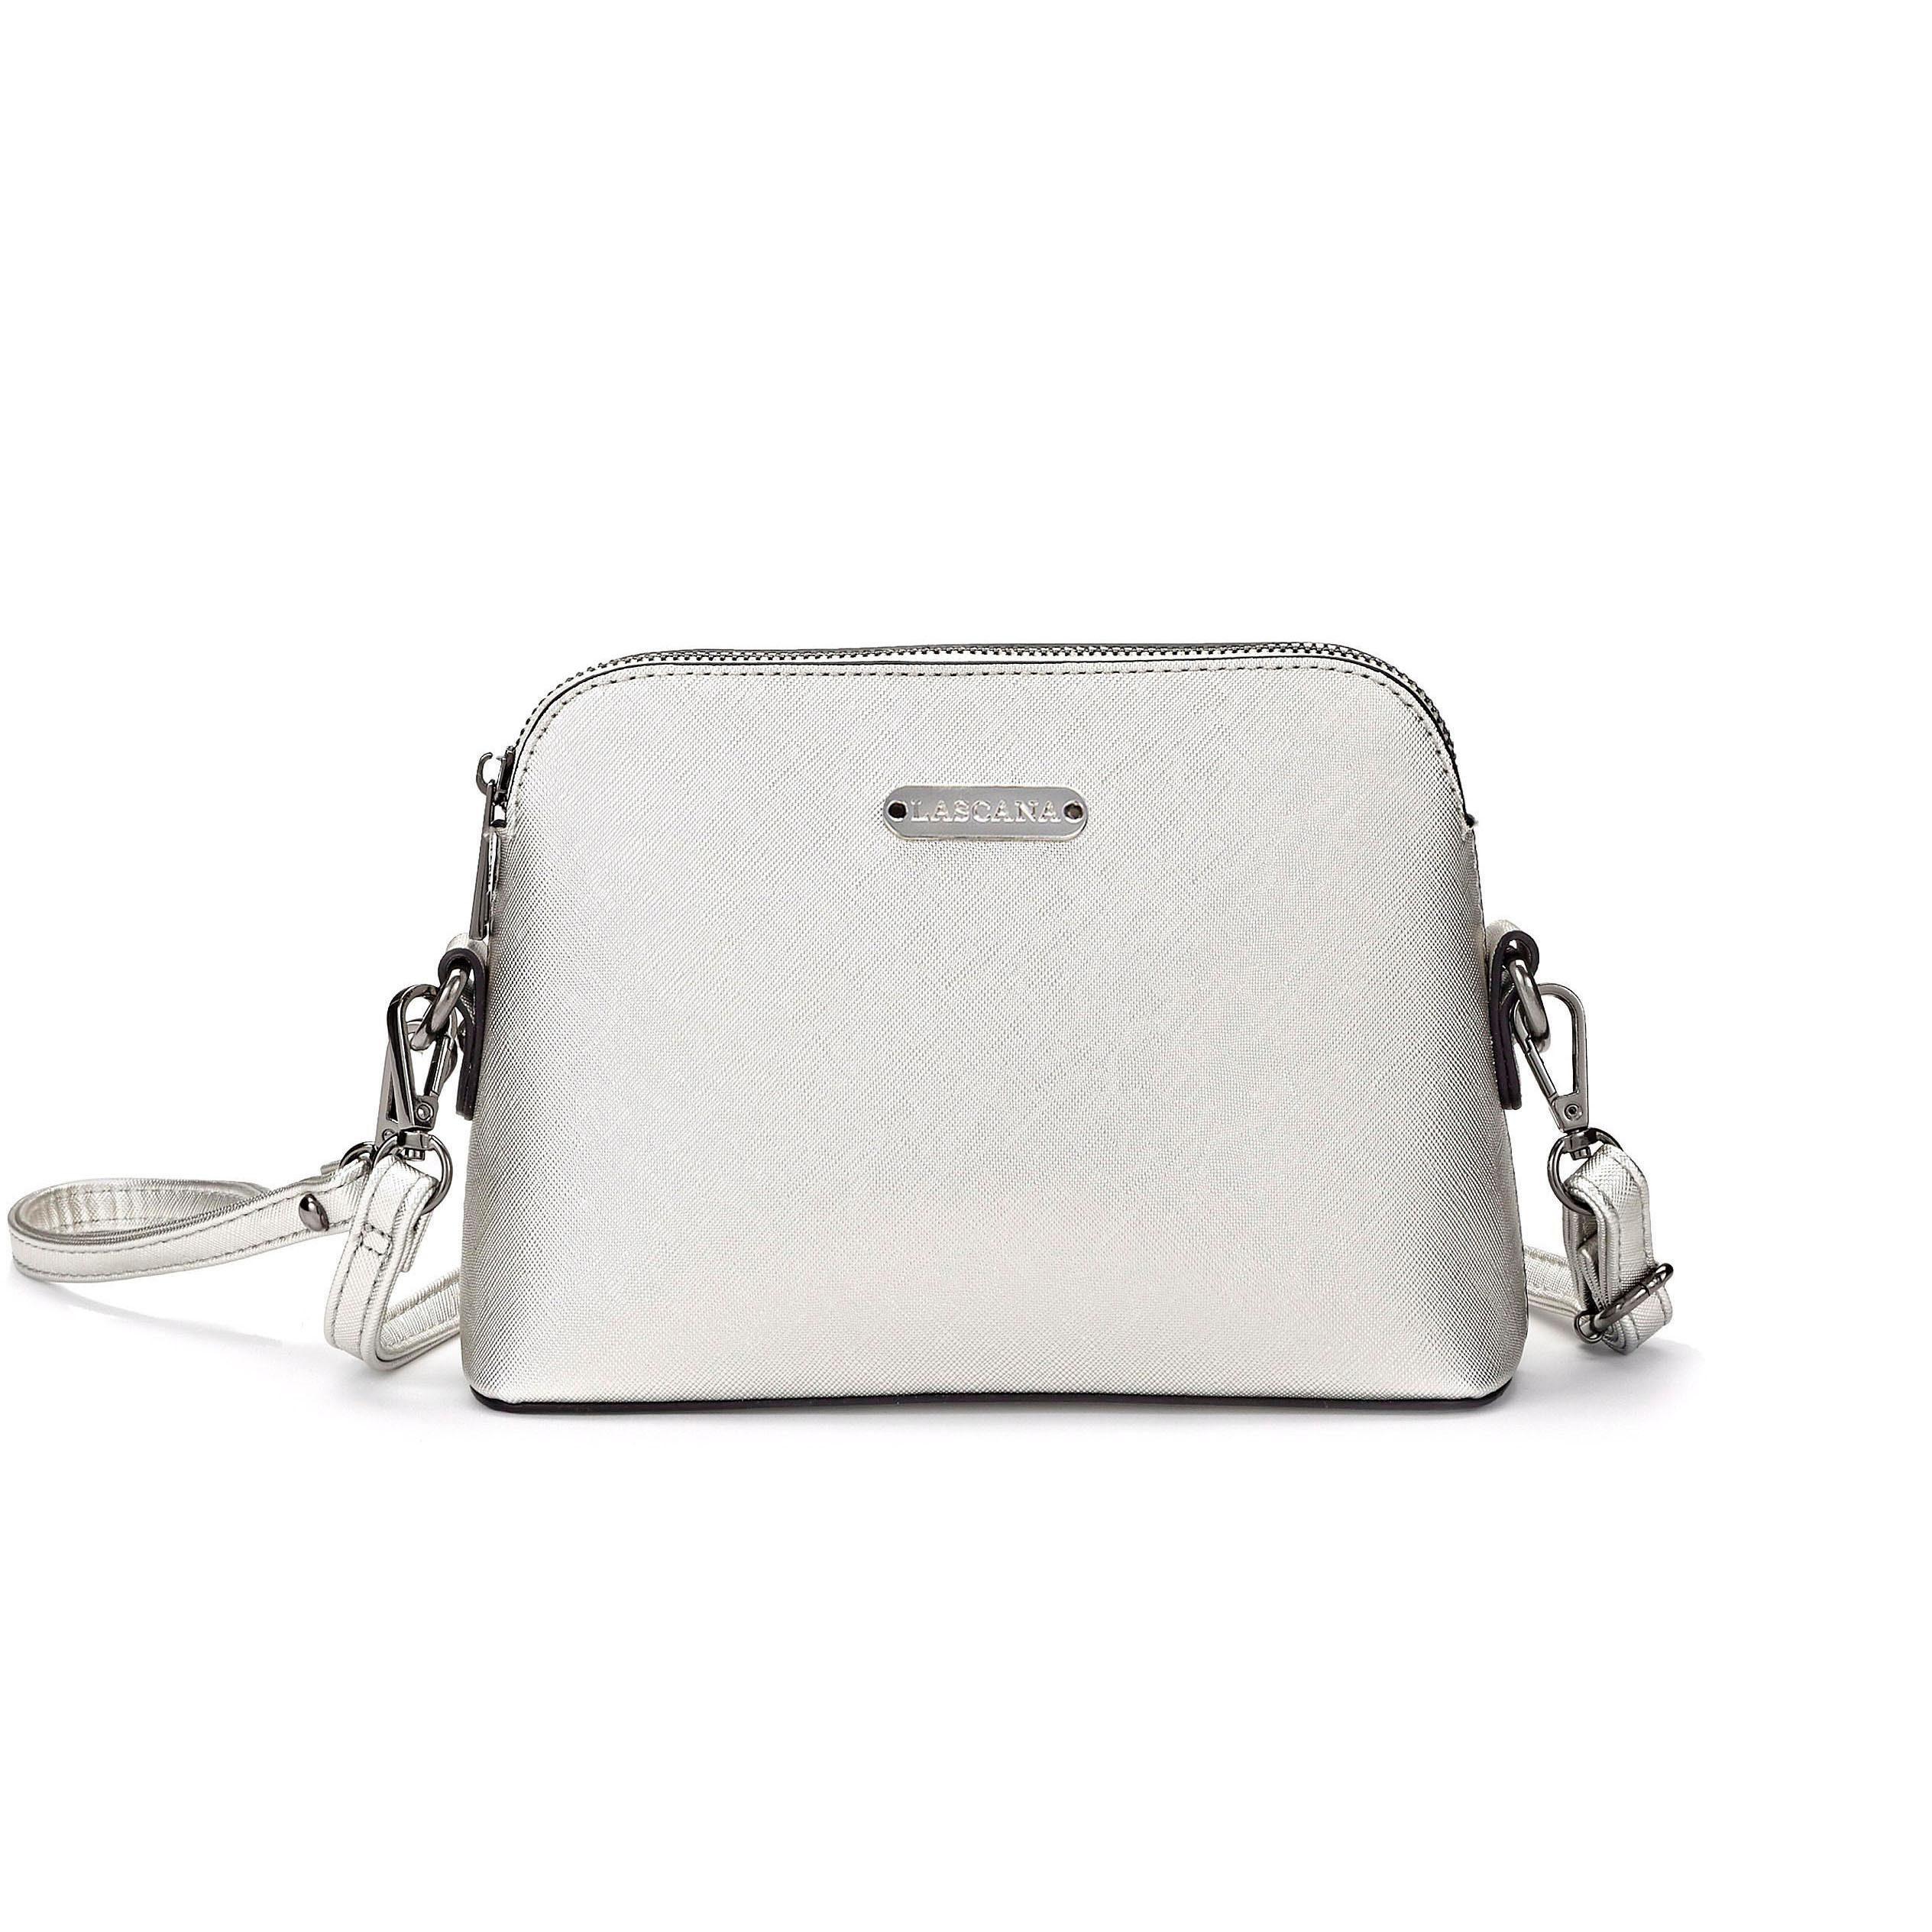 LASCANA Umhängetasche, Minibag mit verstellbaren Henkeln online kaufen | OTTO